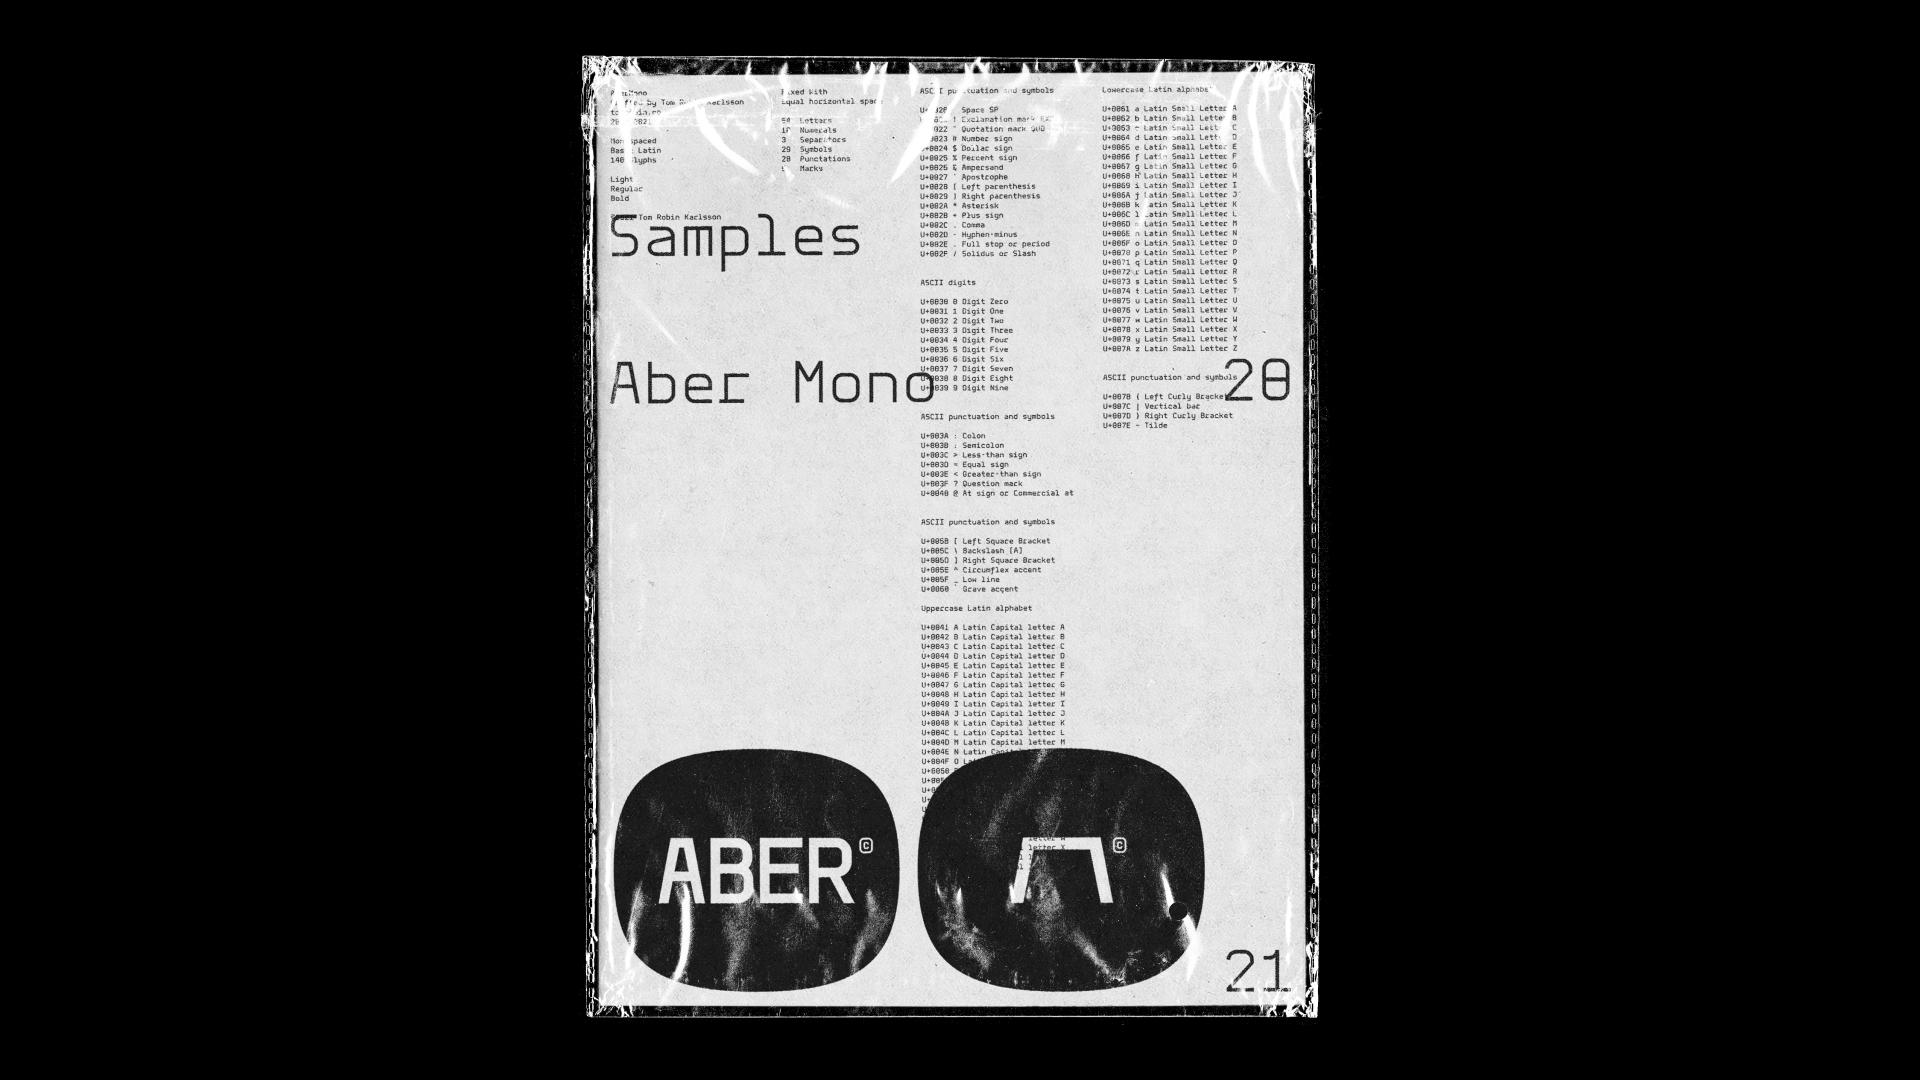 ABER1